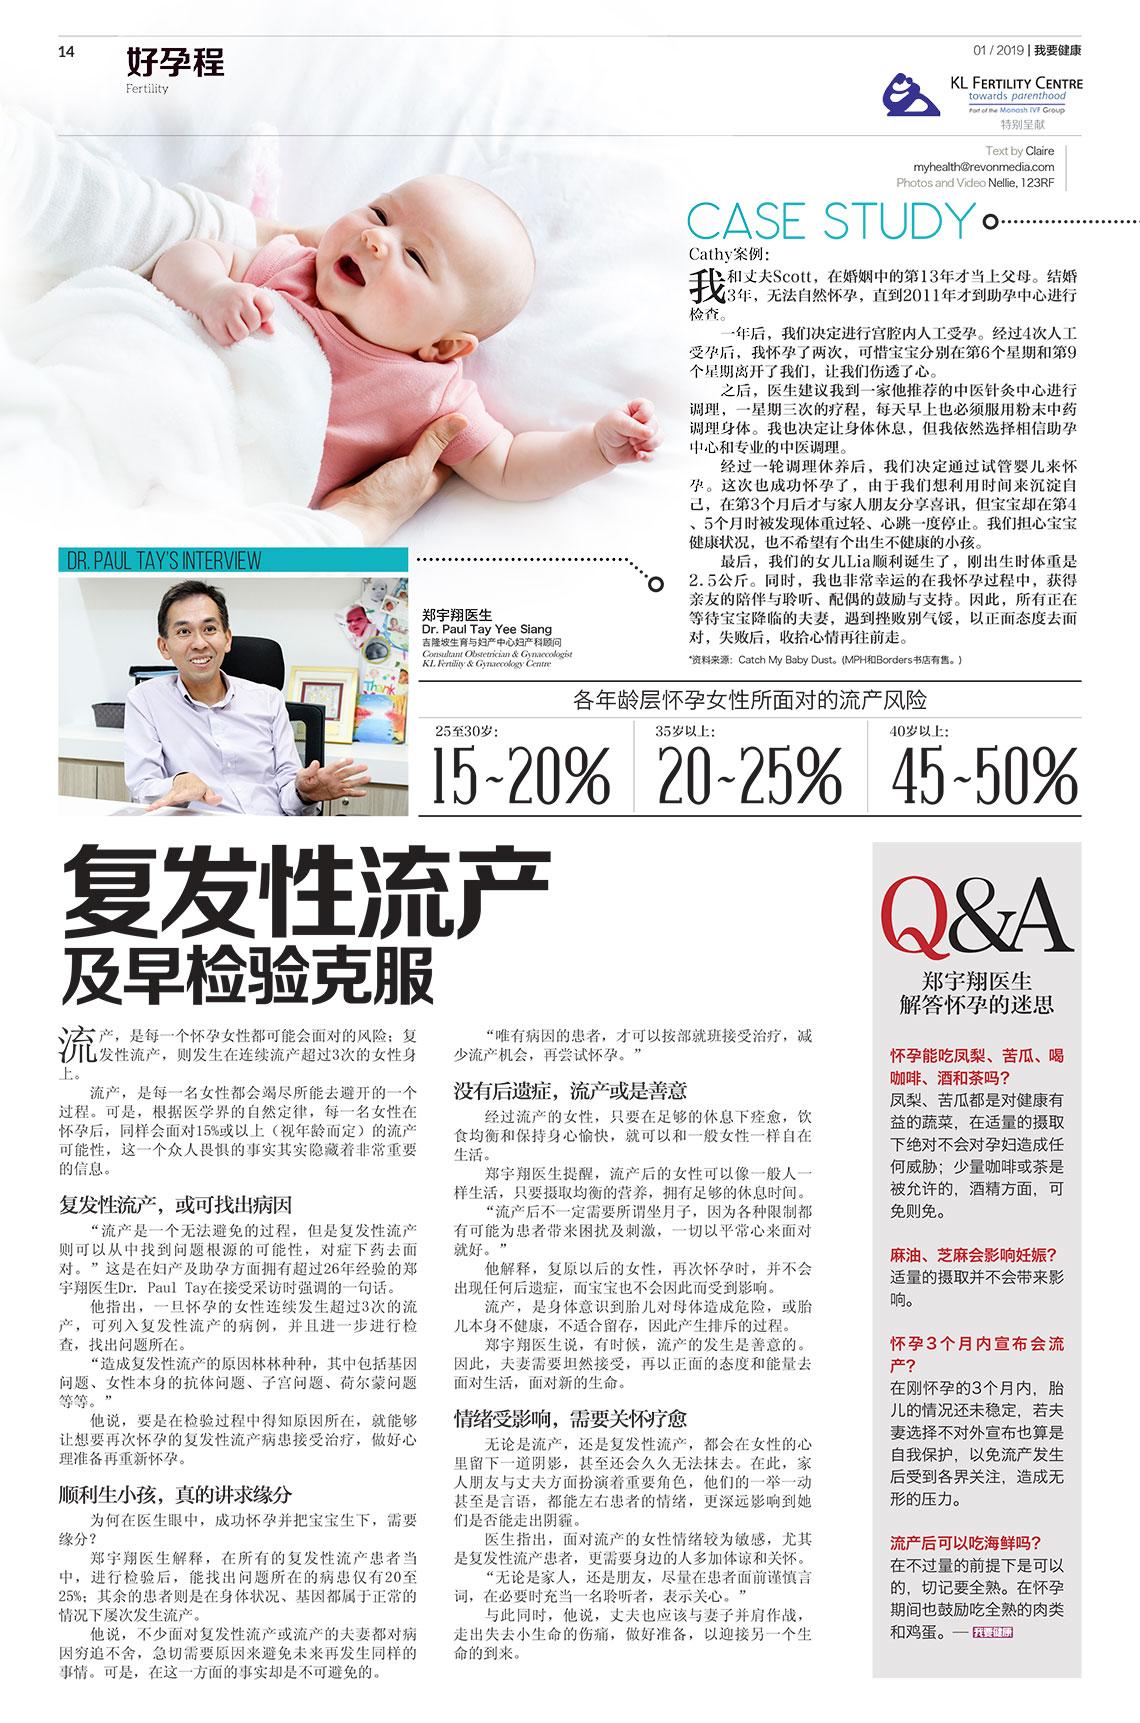 复发性流产及早检验克服 - 我要健康(01/2019)